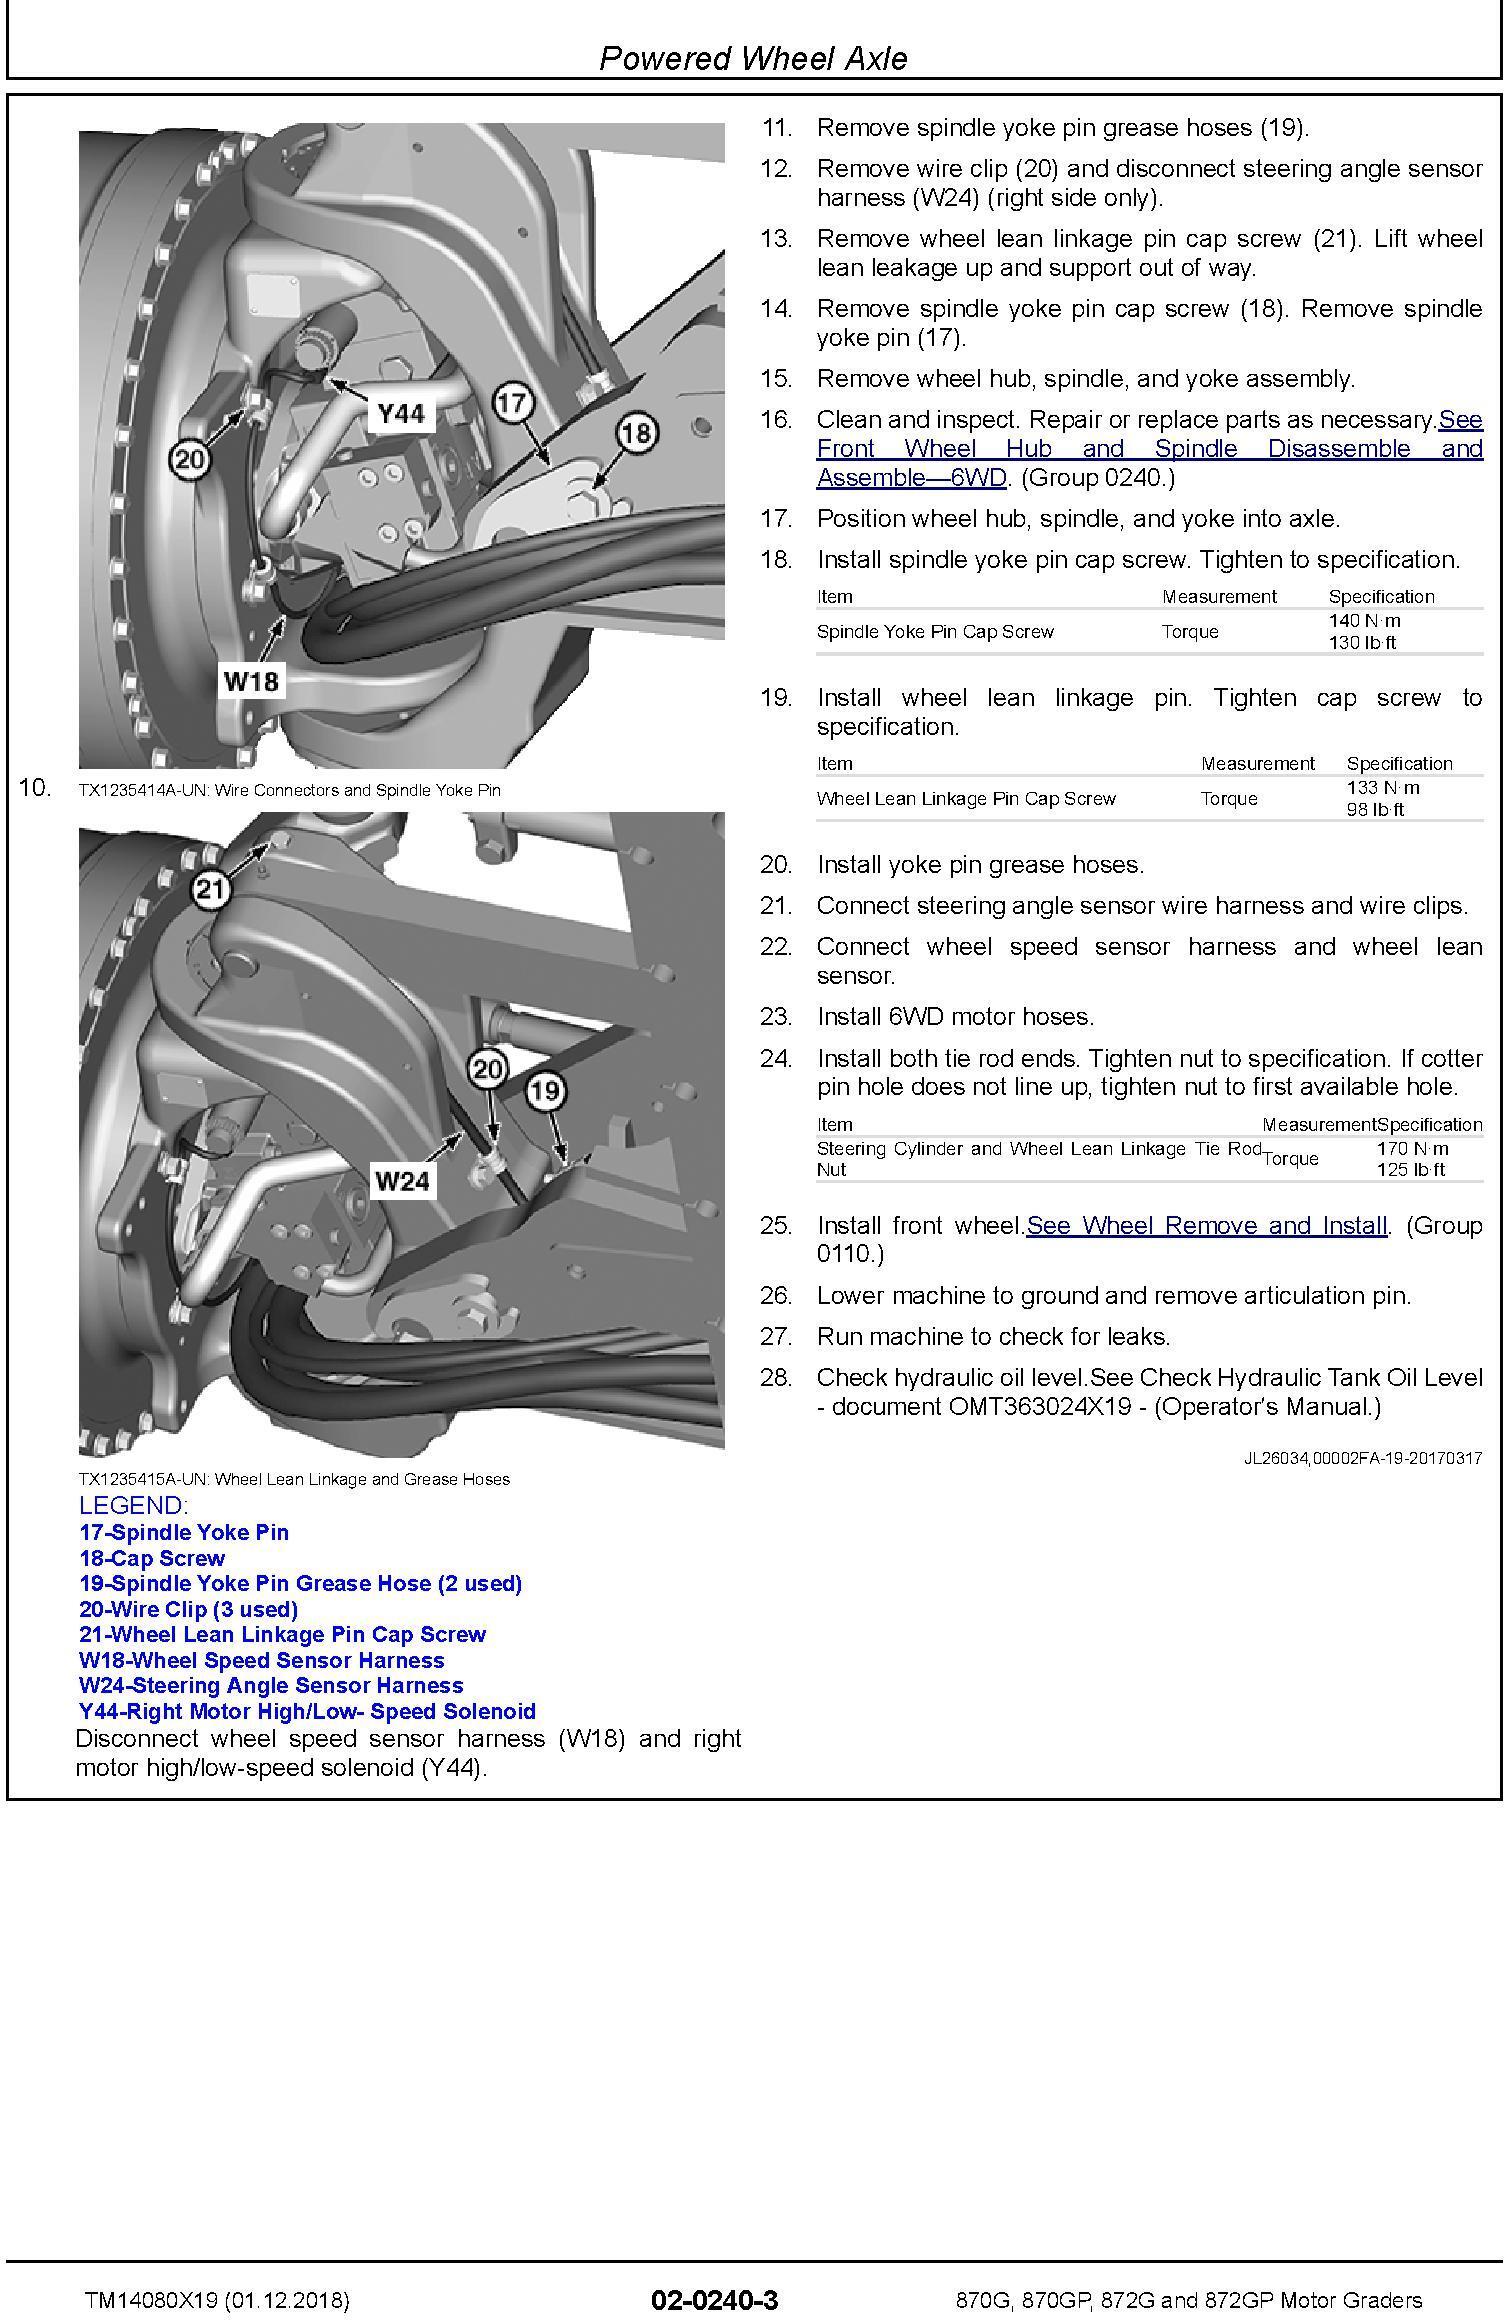 John Deere 870G, 870GP, 872G, 872GP (SN. C678818-680877) Motor Graders Repair Manual (TM14080X19) - 2